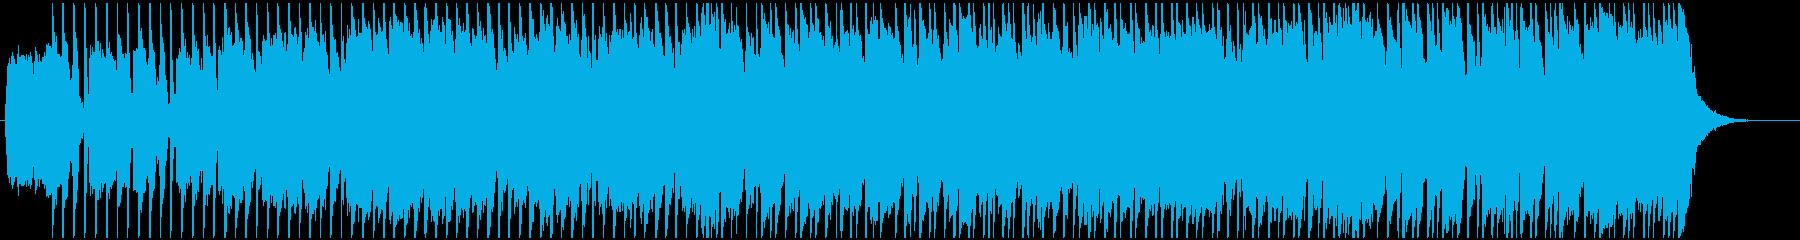 ハードロック、ブルージーなインスト...の再生済みの波形